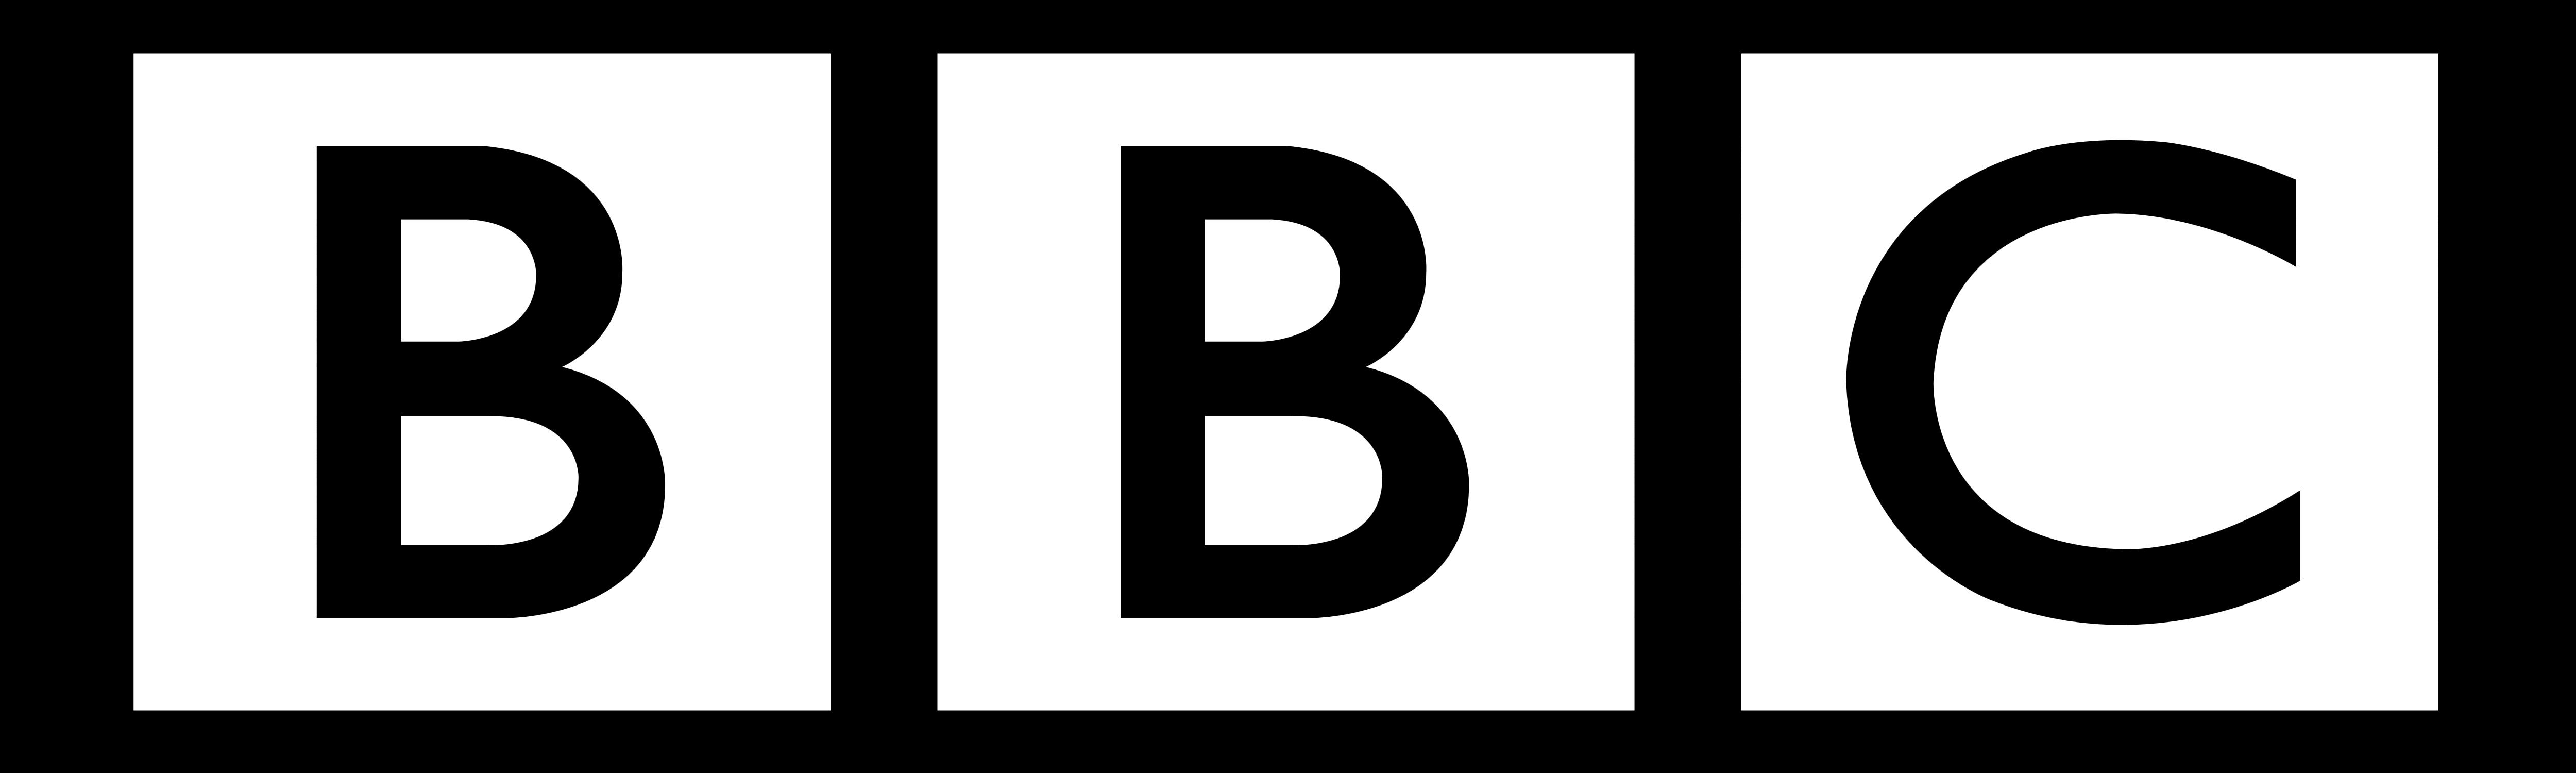 bbc � logos download